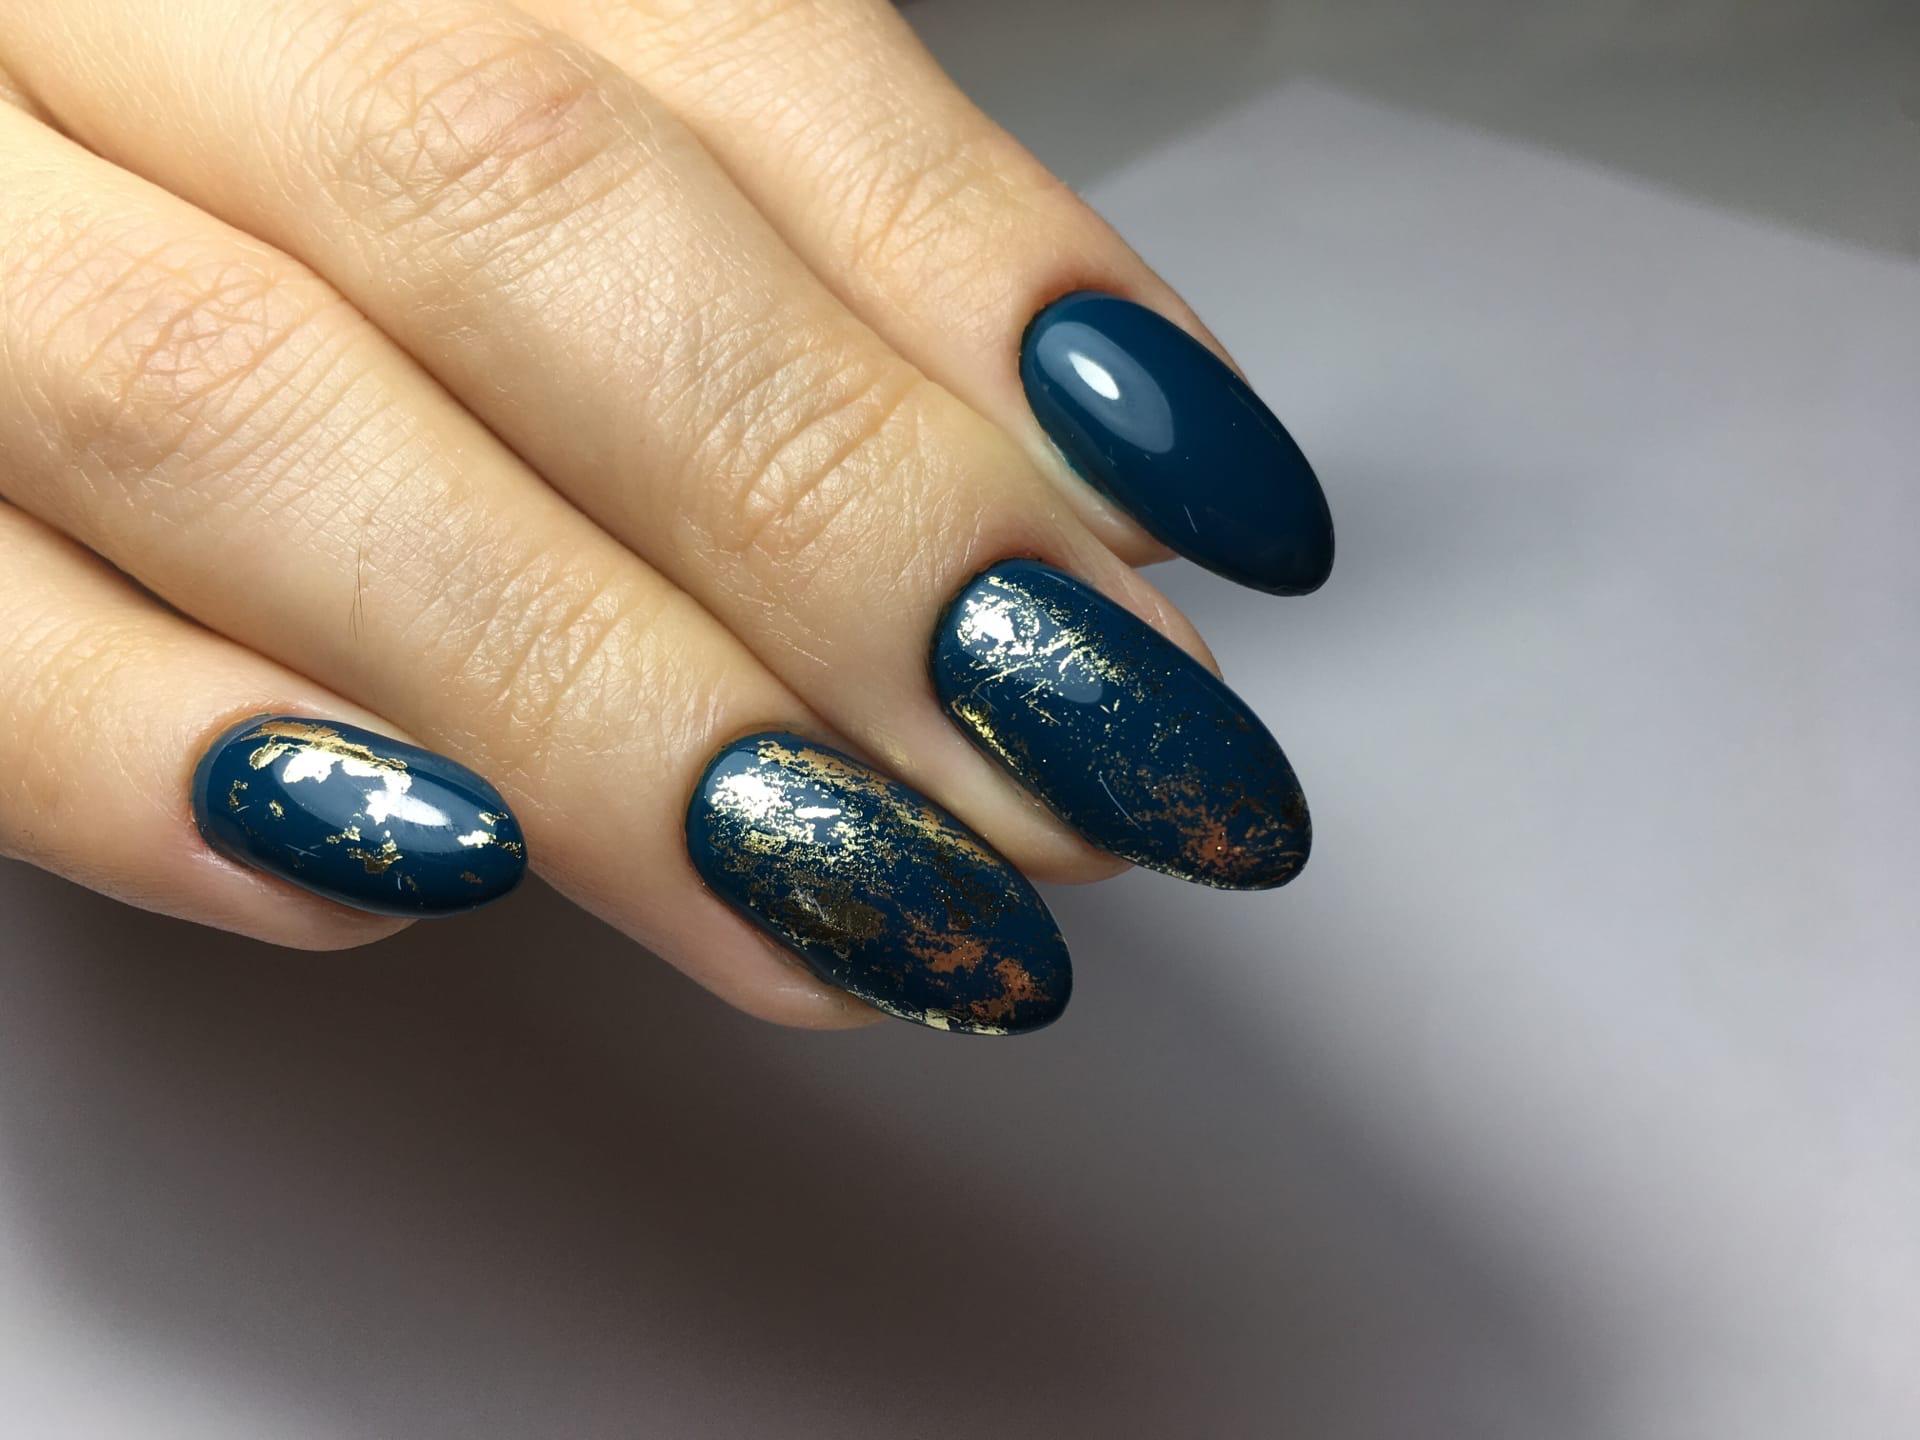 Маникюр с золотой фольгой в темно-синем цвете.